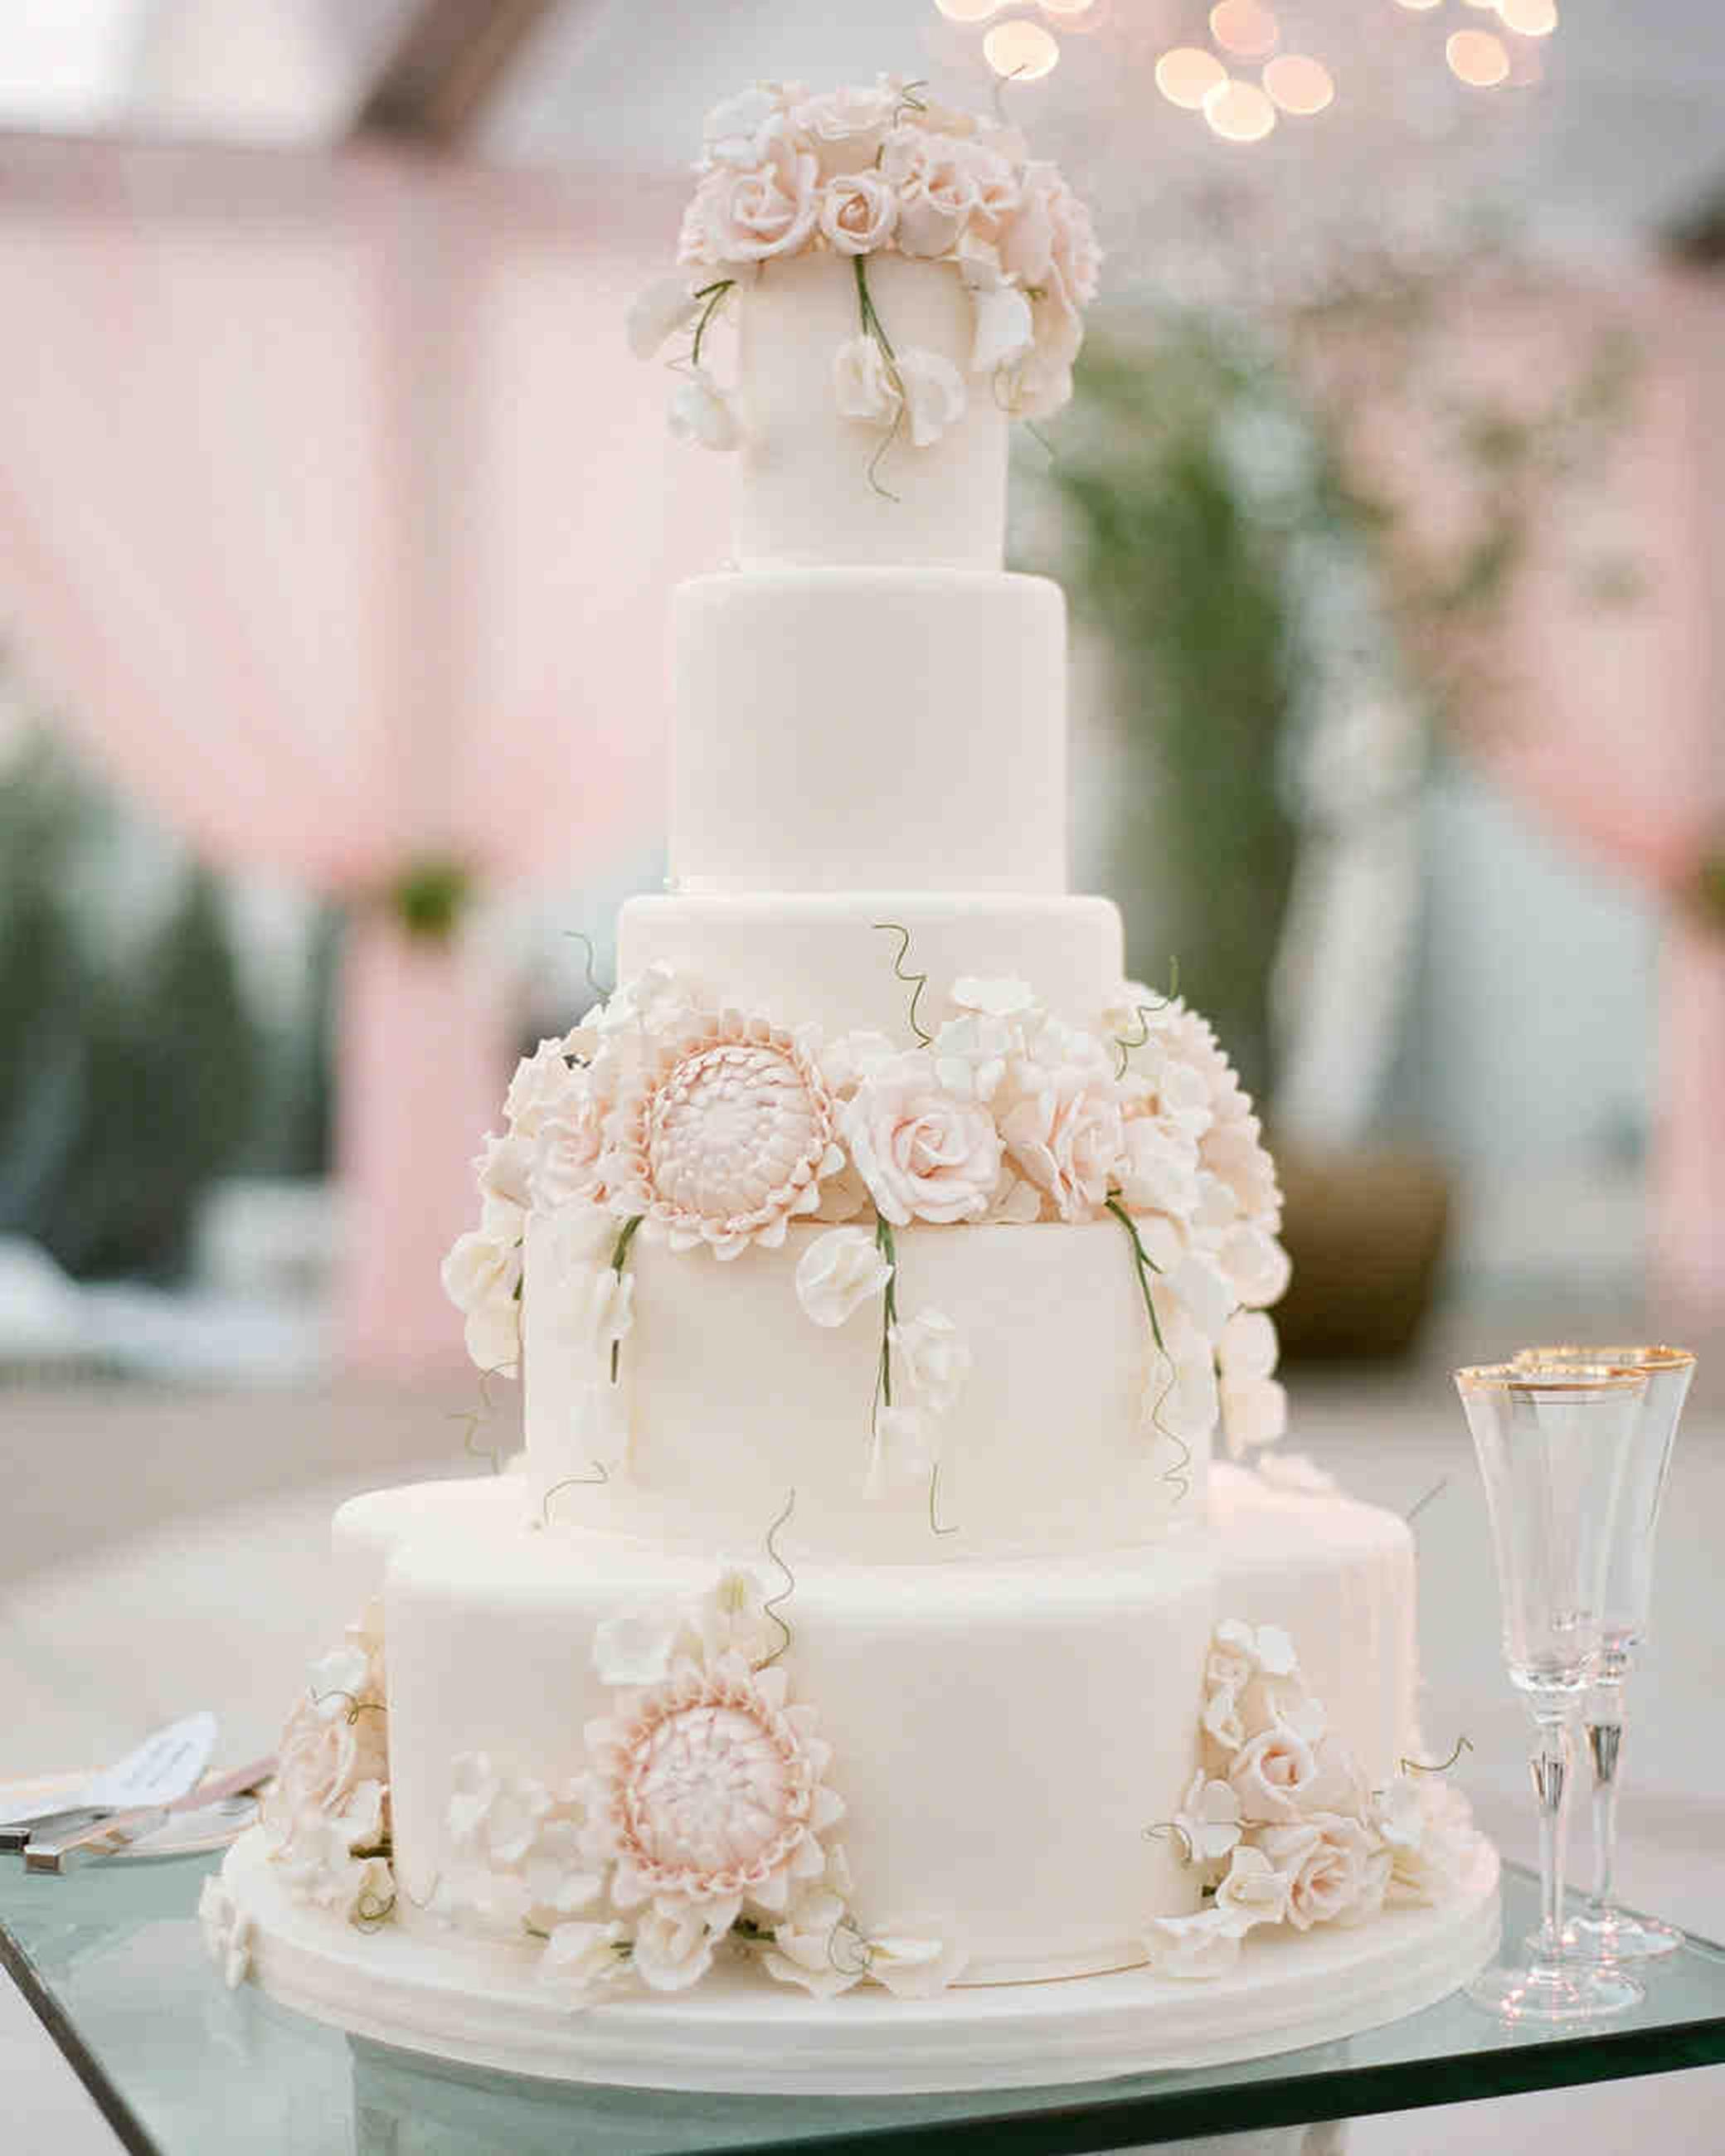 Wedding Cake X Mac In 2020 Sugar Flower Wedding Cake Wedding Cakes With Flowers Ivory Wedding Cake